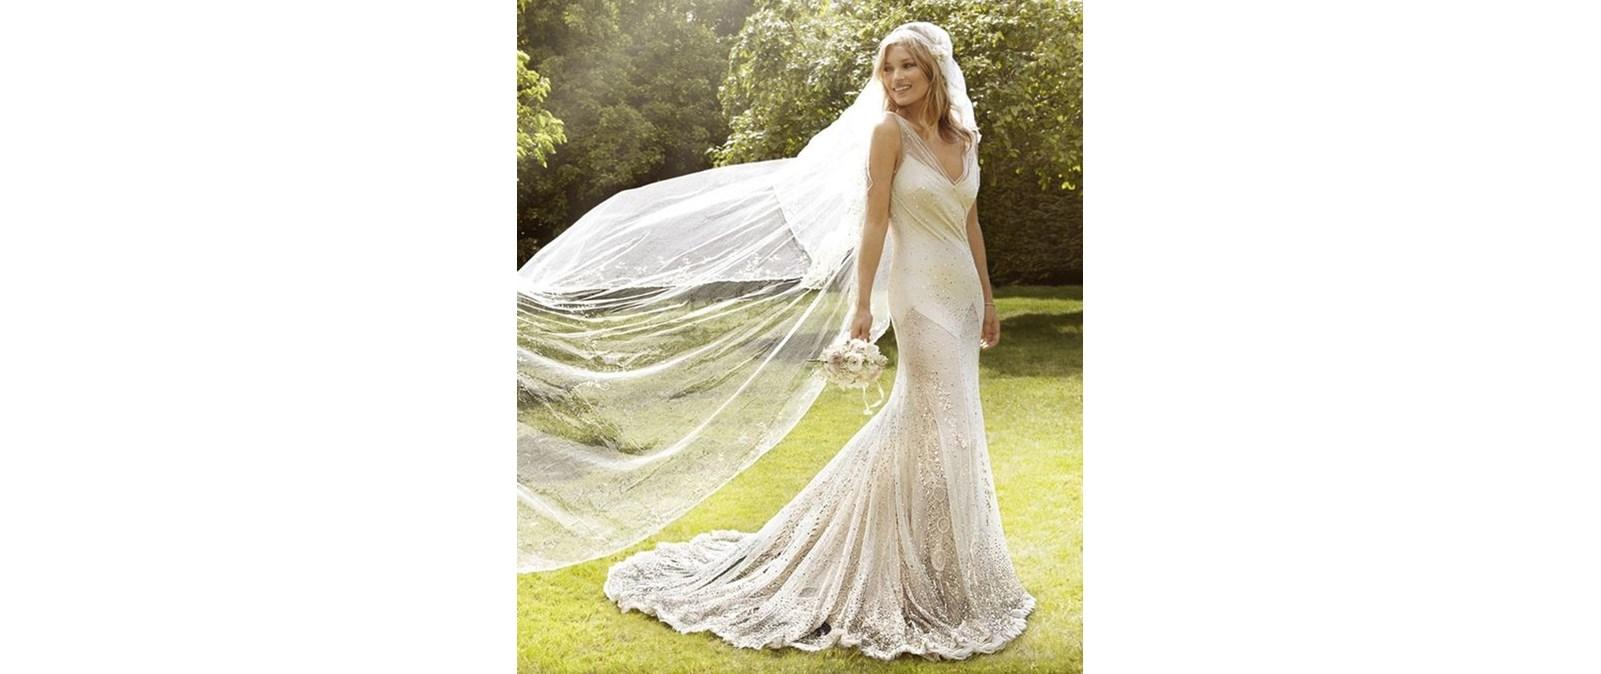 236ae3cc9f9 Τα βασικά λάθη των γυναικών στην αγορά νυφικού φορέματος